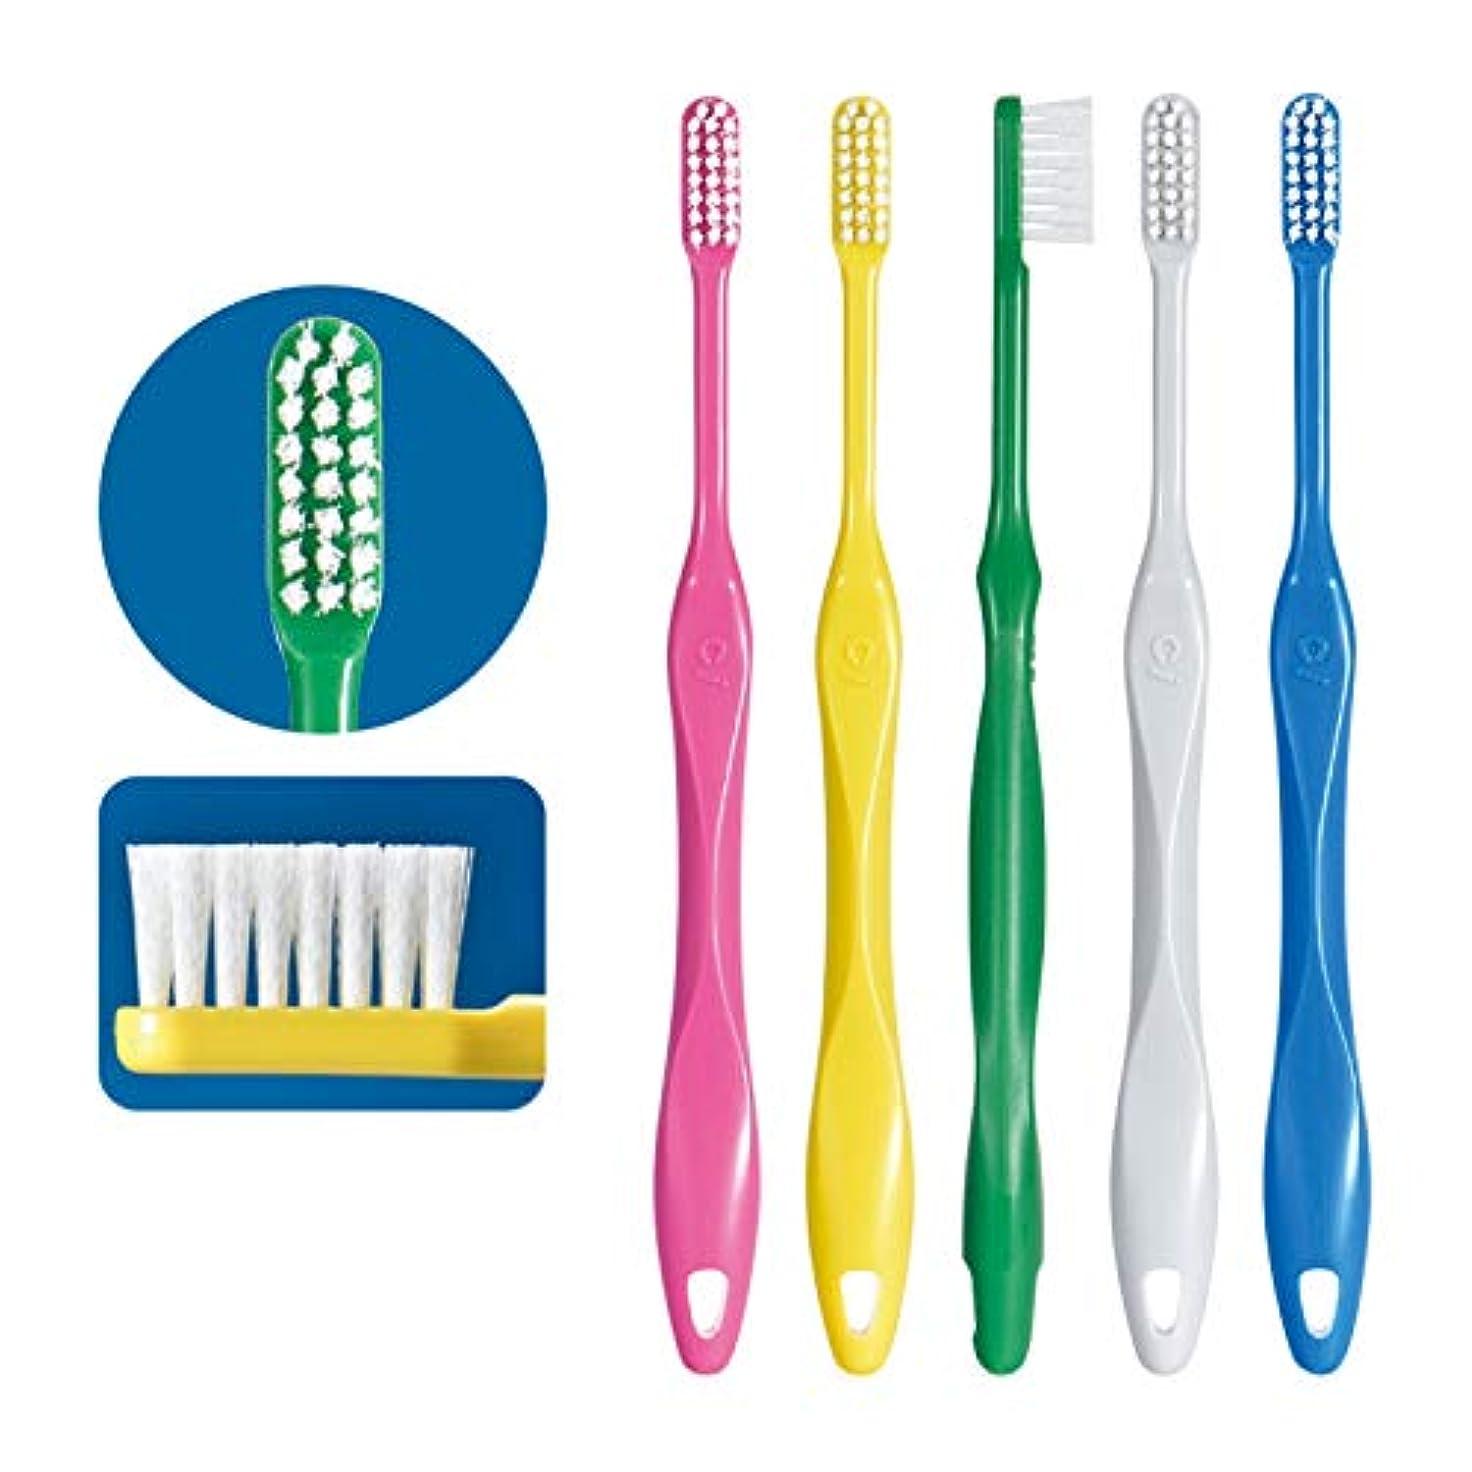 パラメータ絶対の血まみれCi スマート 歯ブラシ 20本 M(ふつう) 歯科医院取扱品